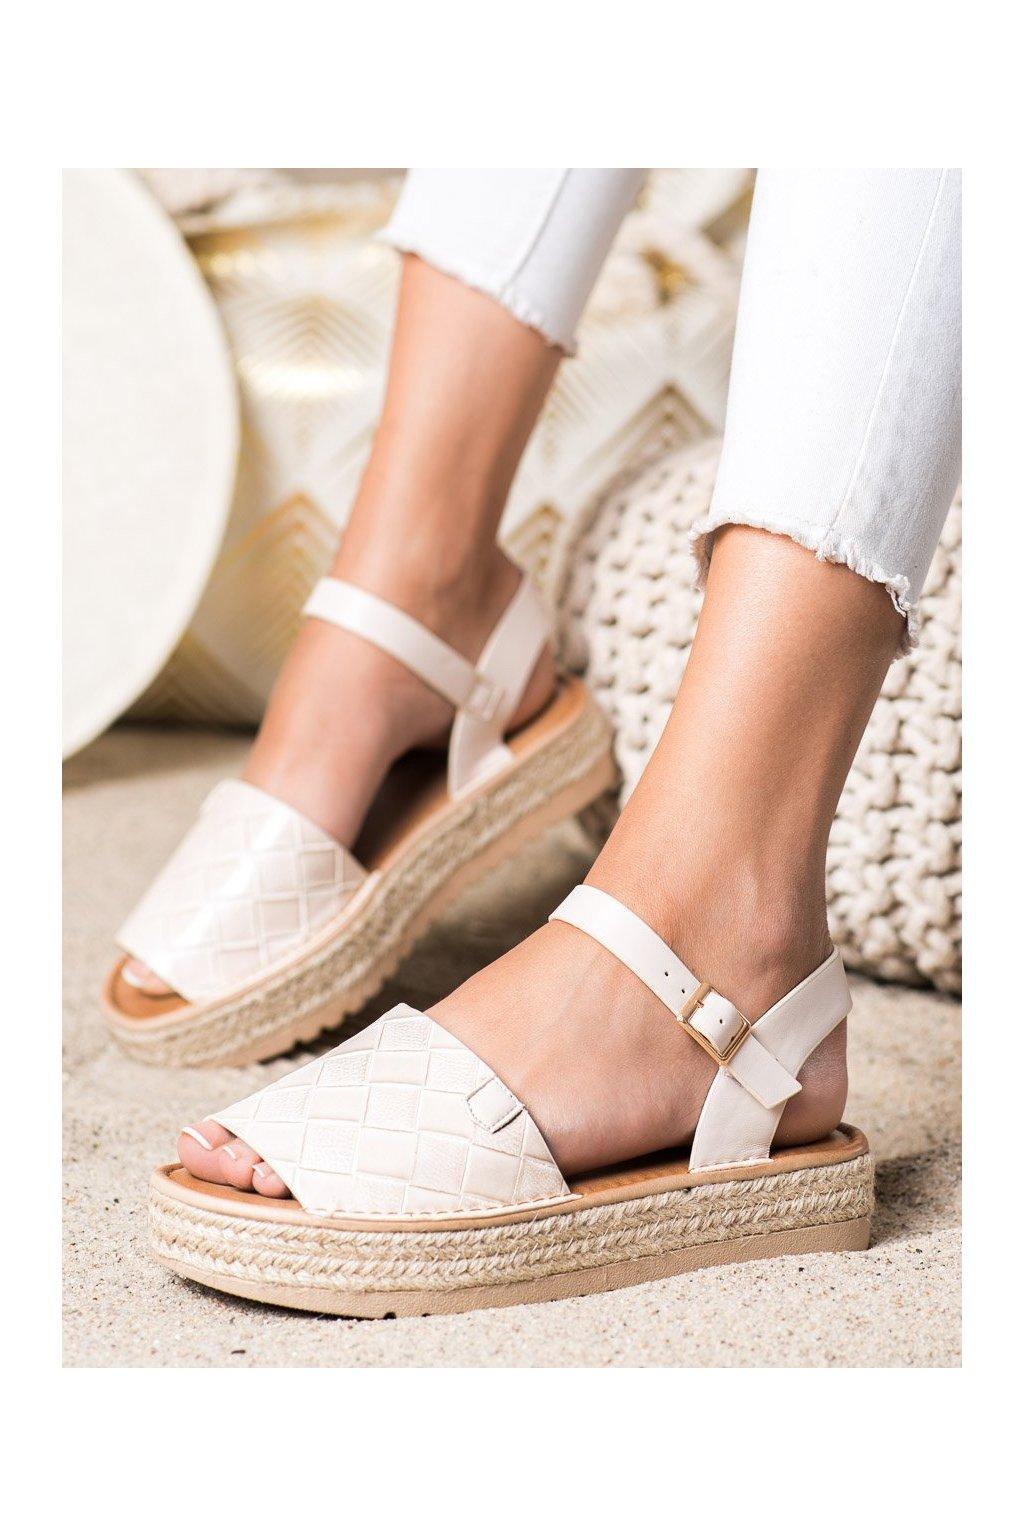 Hnedé dámske sandále Trendi kod HM82023BE